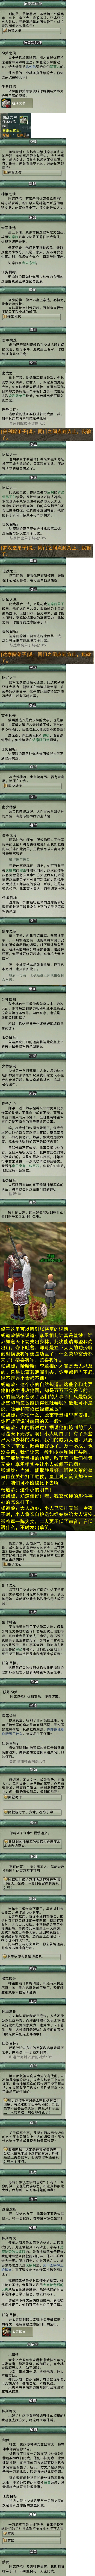 主线任务04 - 僧军挑选.jpg